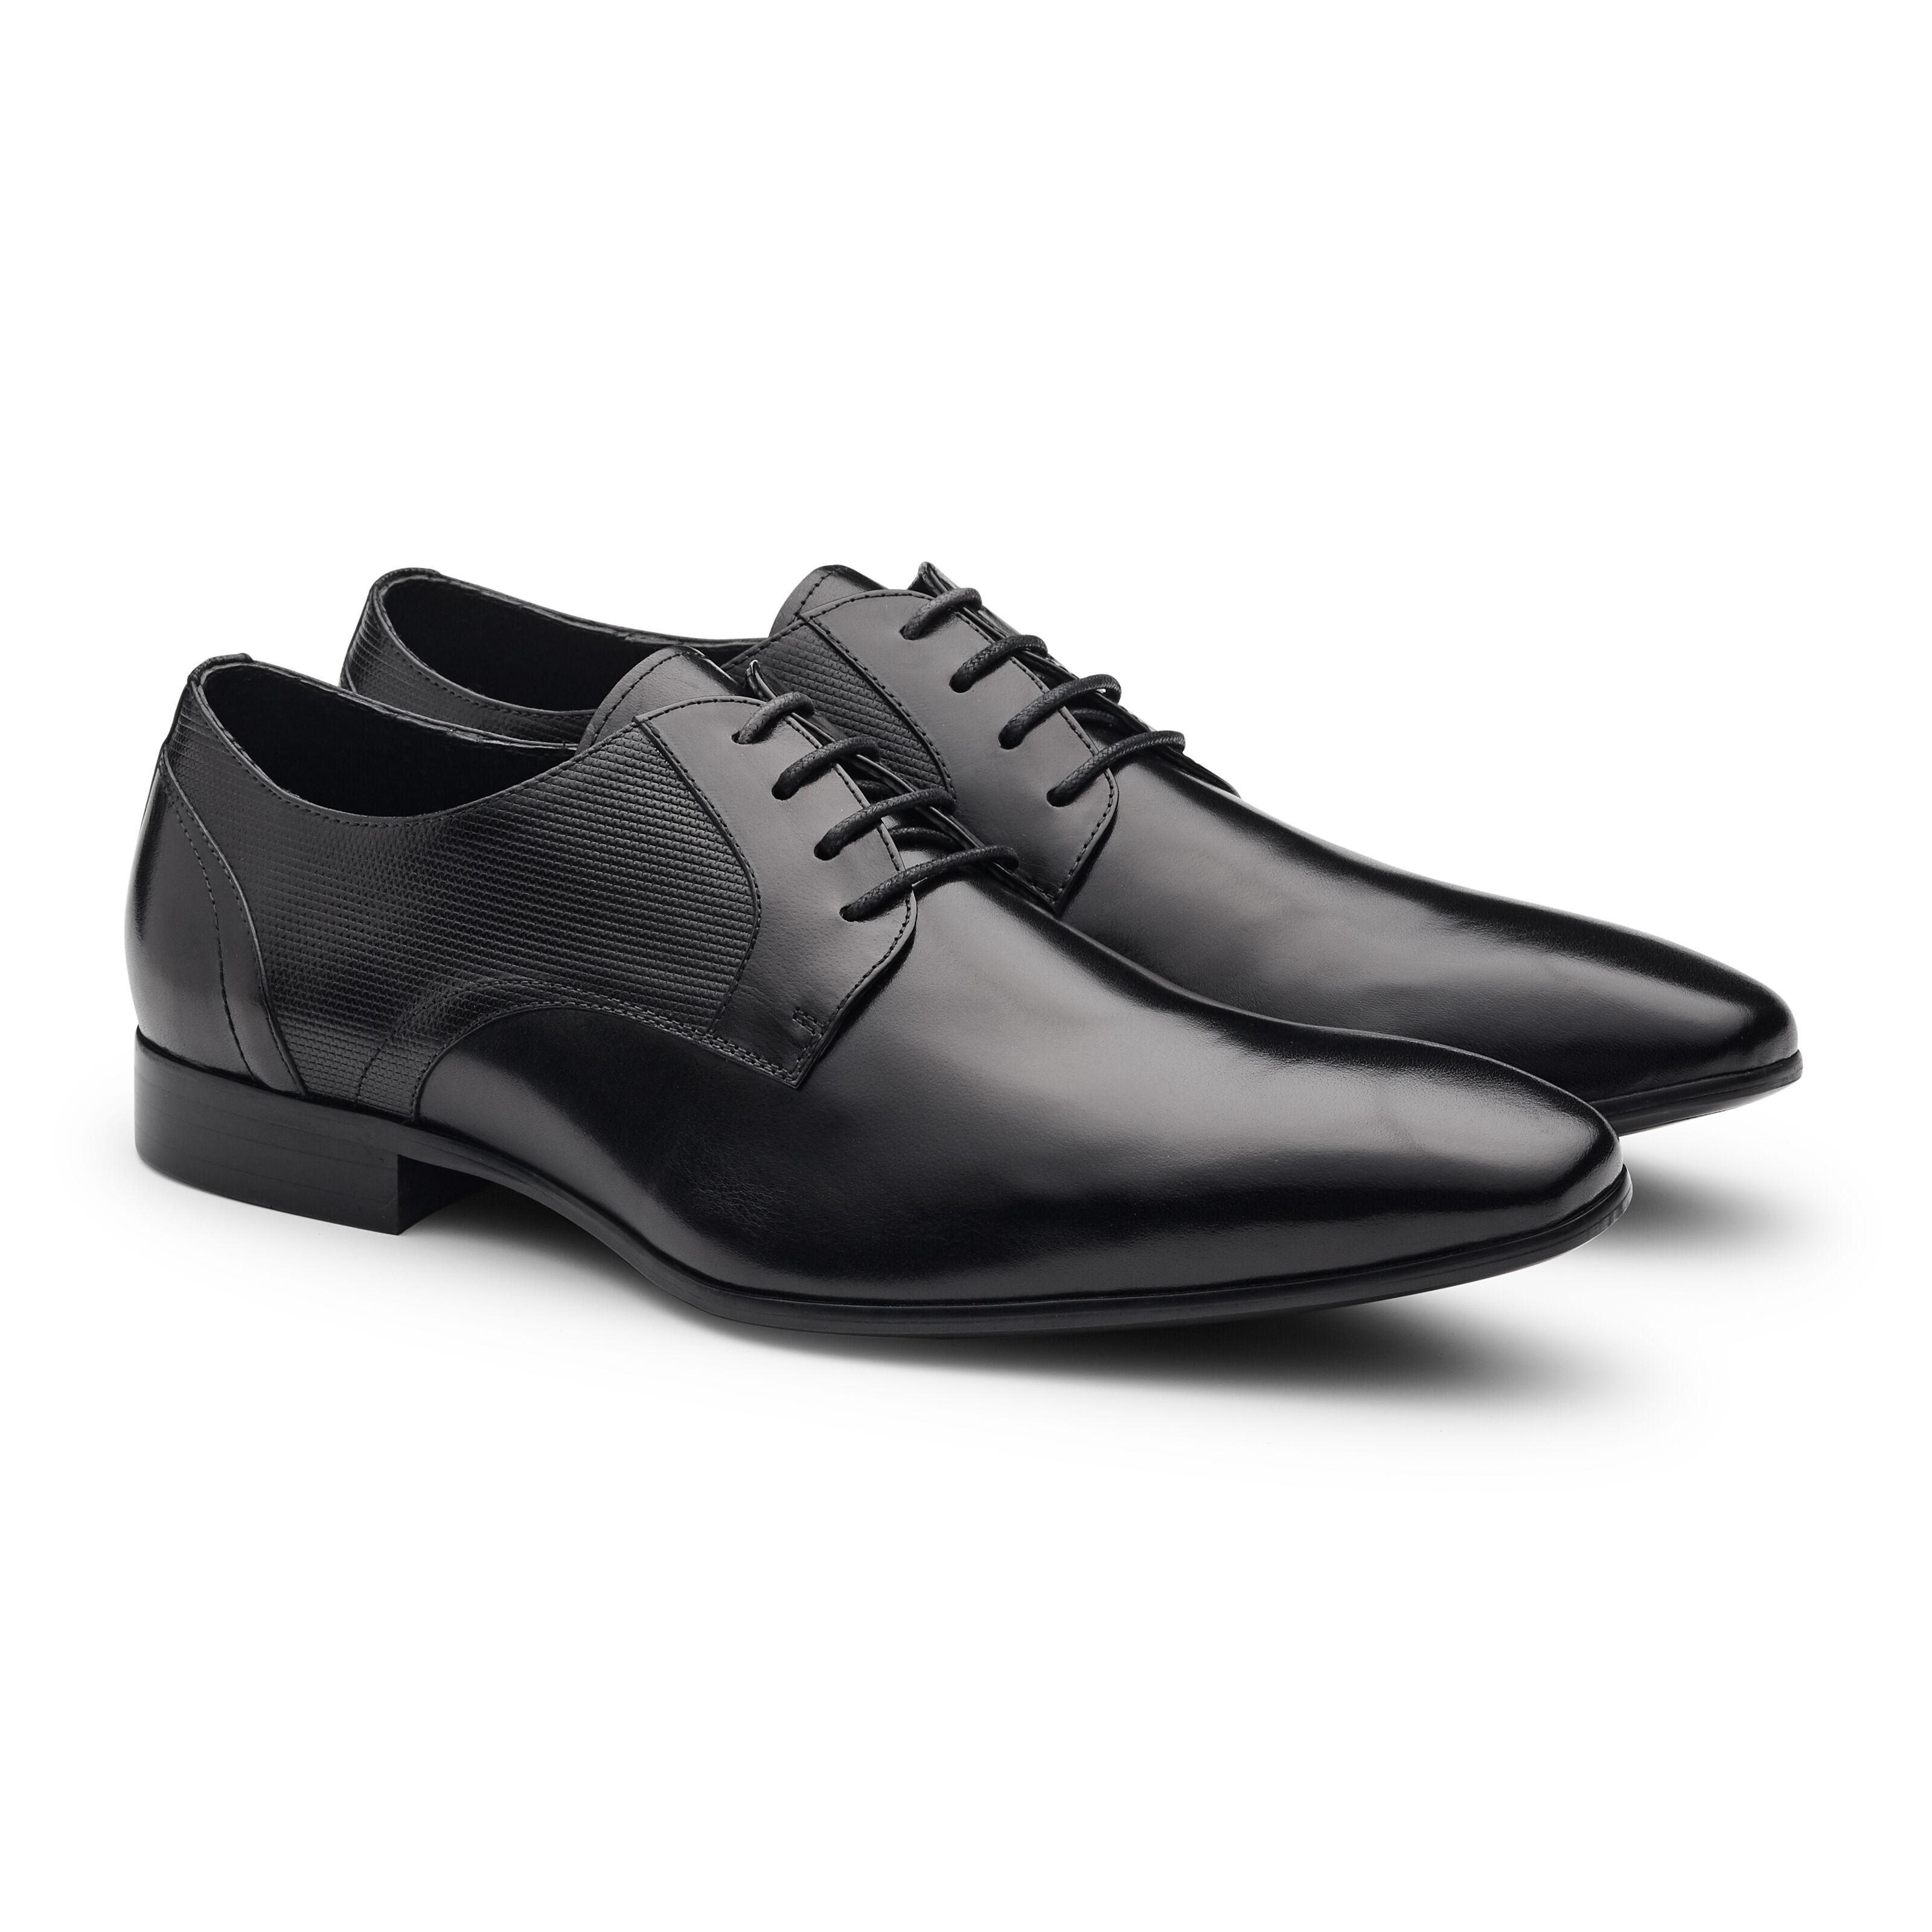 Bartoli - Black - Leather Lace Up